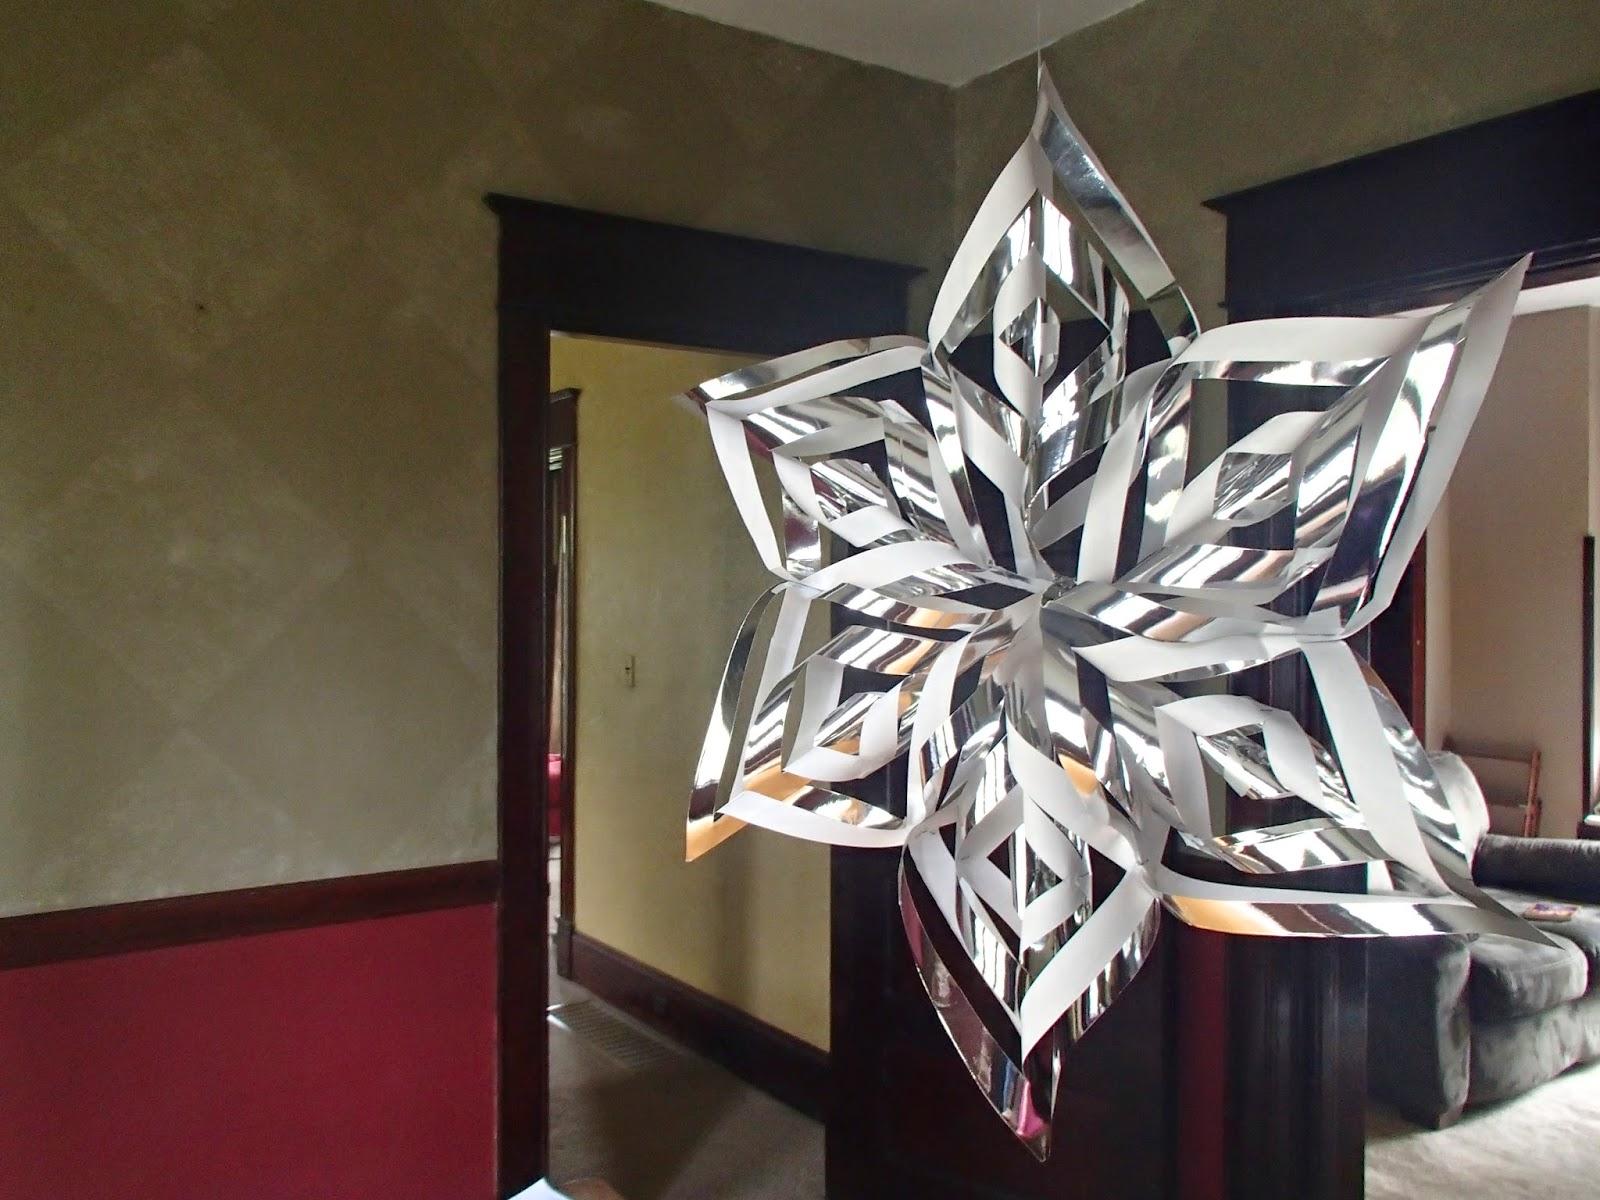 3-D snowflake